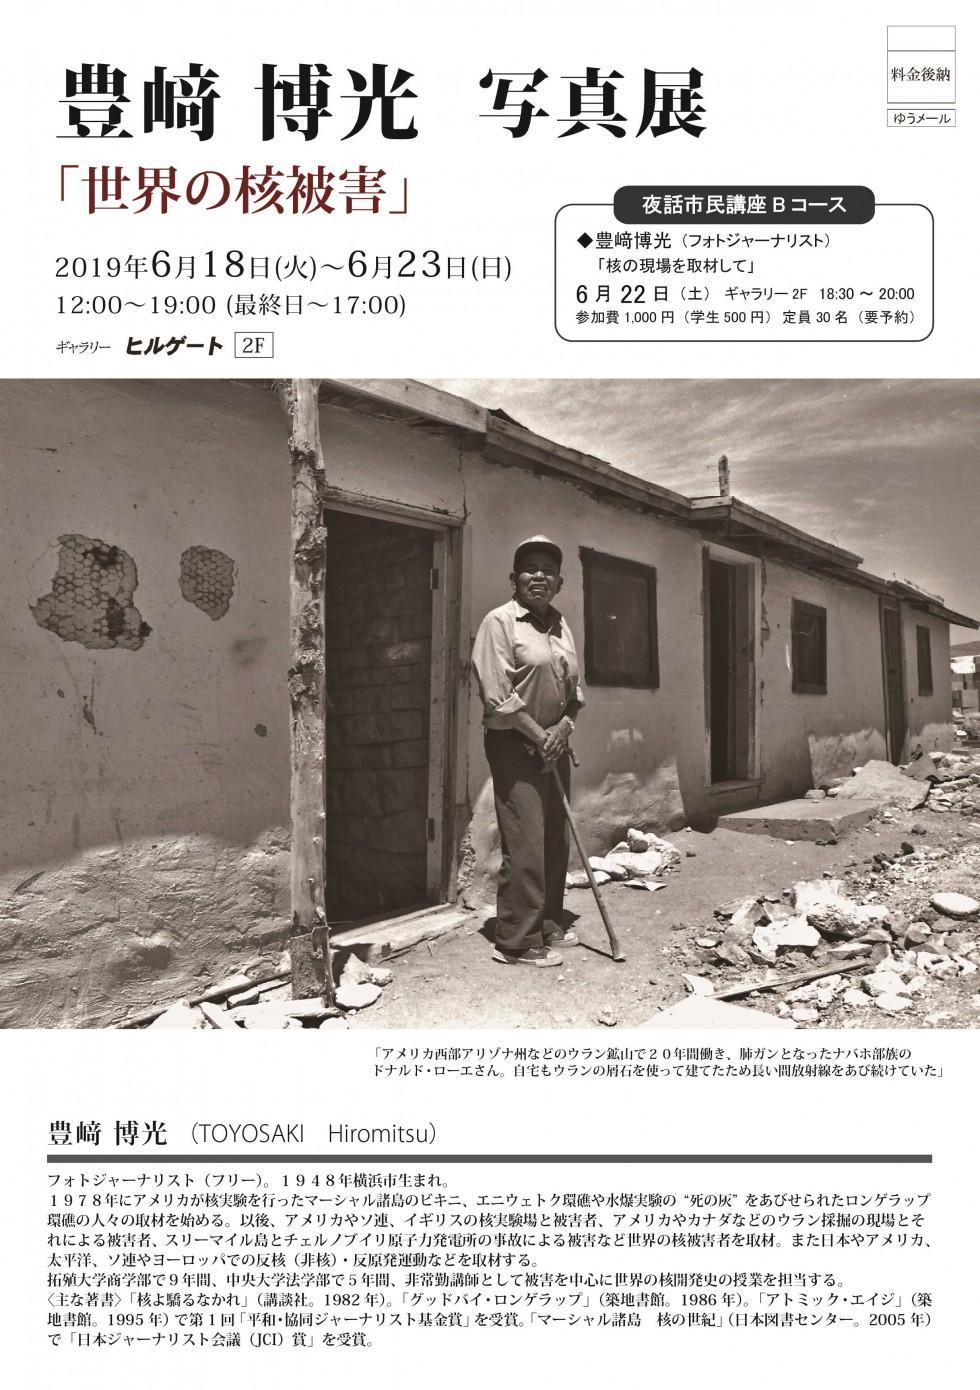 豊崎博光 写真展「世界の核被害」